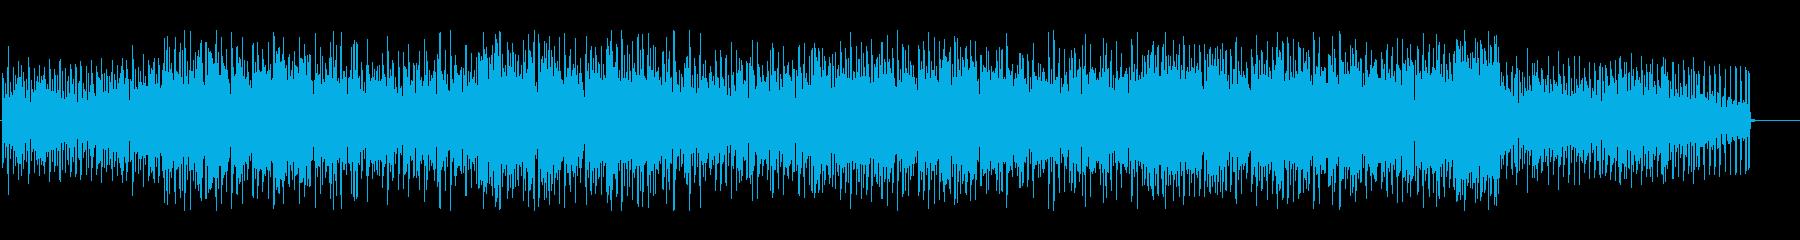 ピコピコBGM 陶酔感・エモい・メロウの再生済みの波形